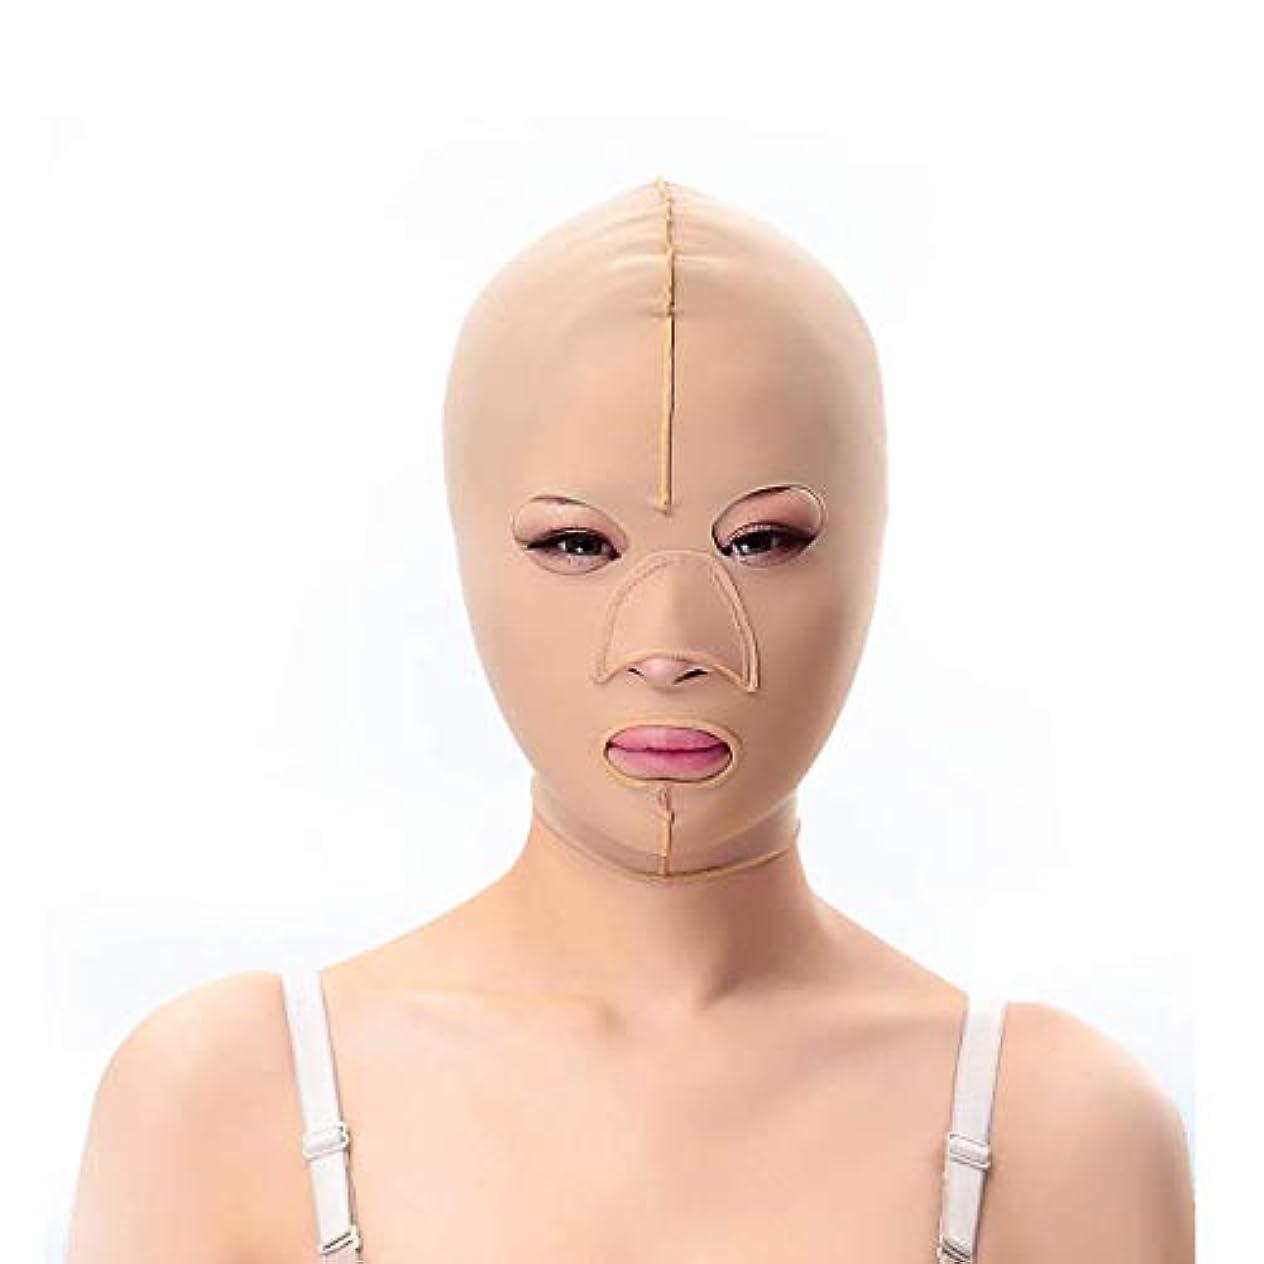 降伏ラジウム極めてスリミングベルト、二重あごの引き締め顔のプラスチックフェイスアーティファクト強力なフェイス包帯を脇に持ち上げるパターンを欺くためのフェイシャルマスクシンフェイスマスク(サイズ:L),Xl